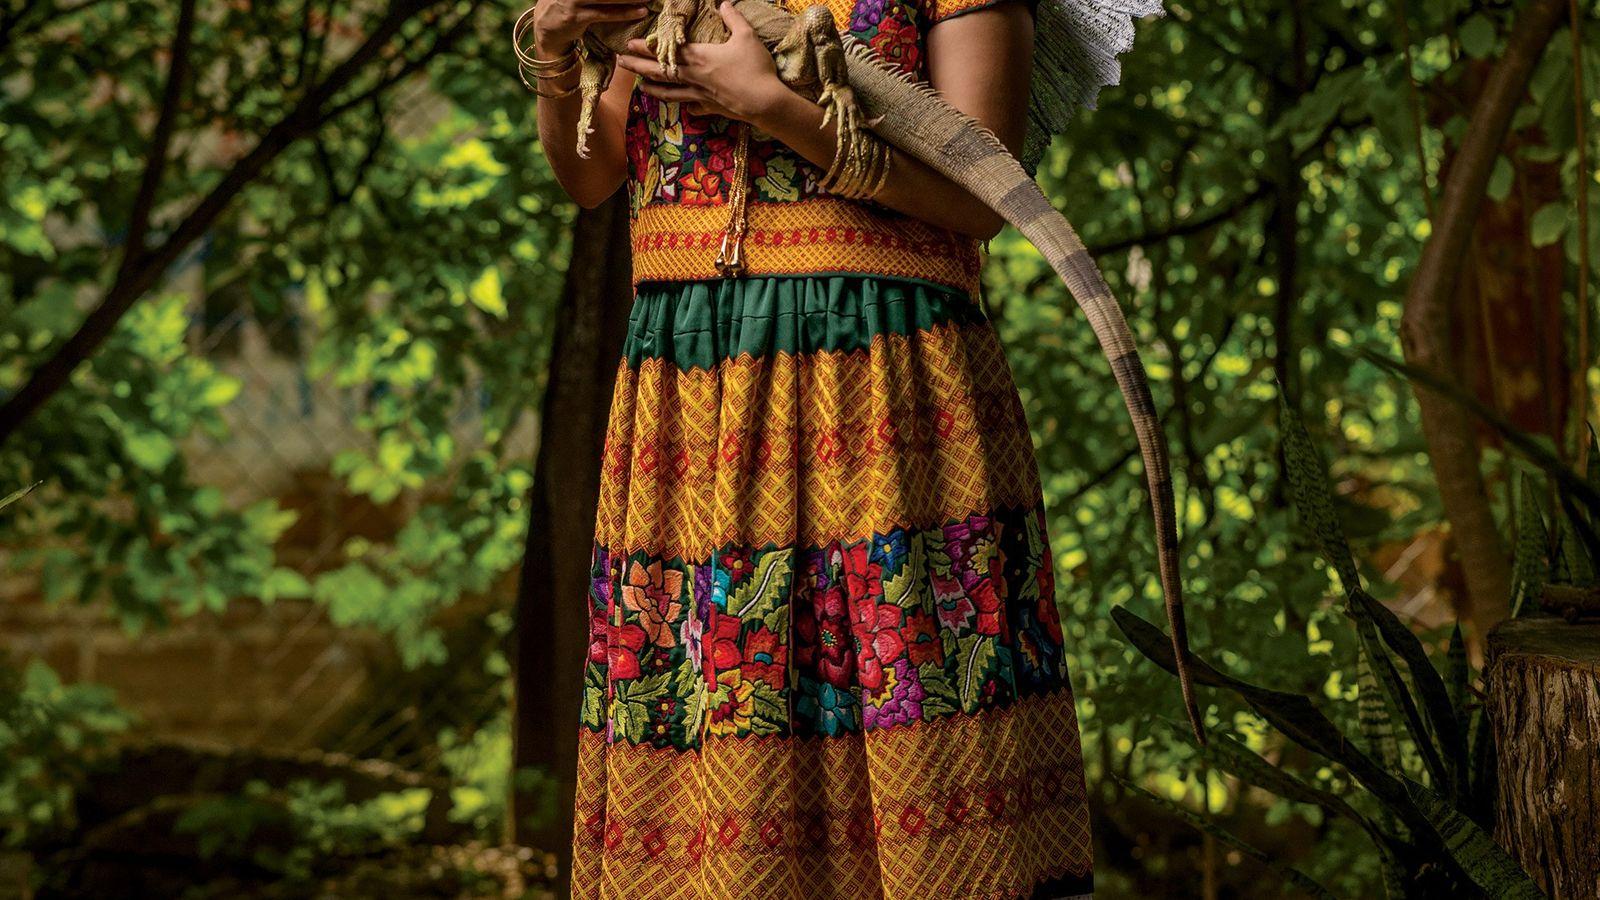 Depuis des millénaires, l'iguane est un emblème pour le peuple Zapotec, notamment sur l'isthme de Tehuantepec, ...